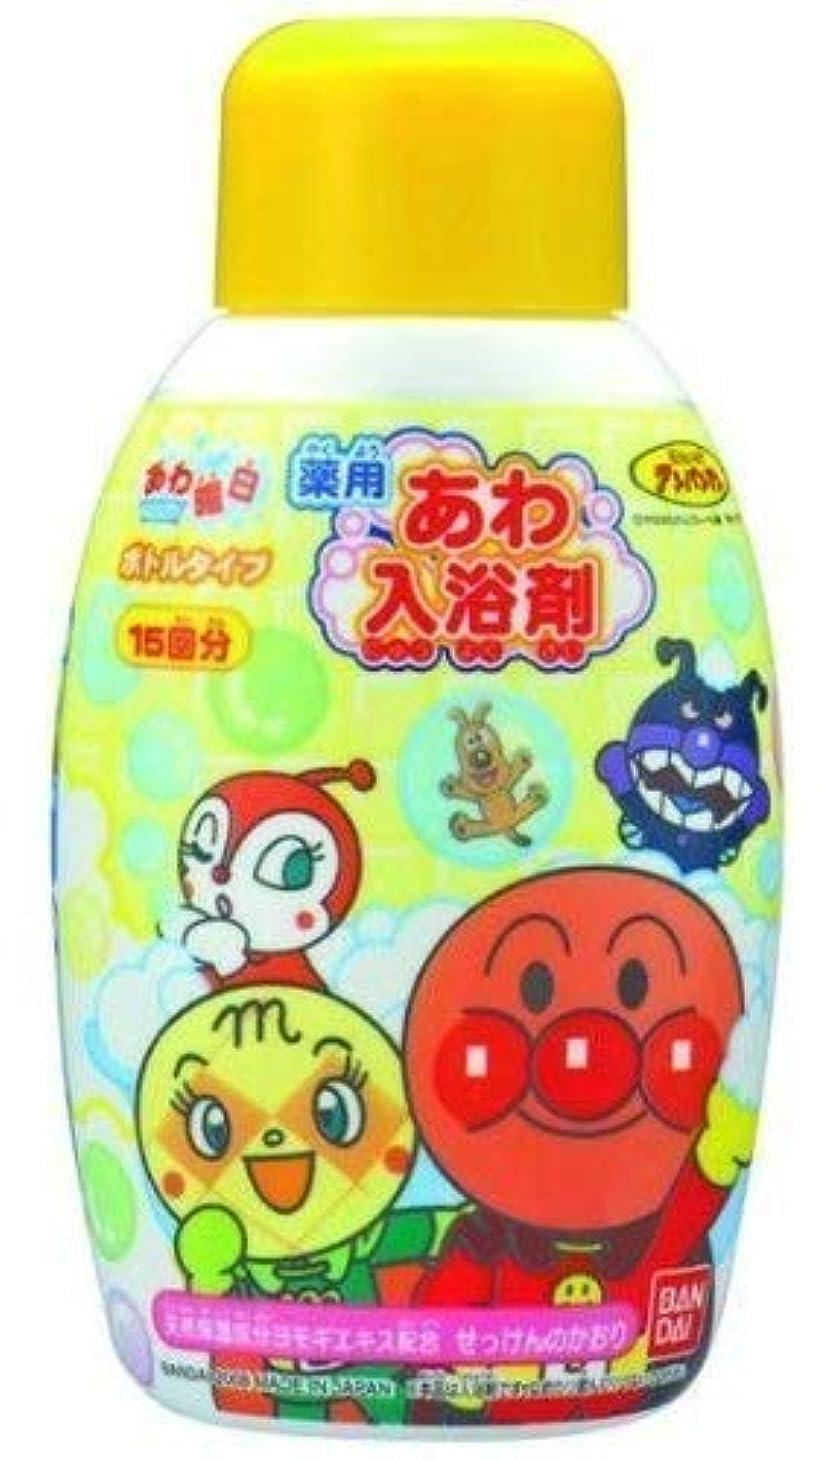 キャッチ被害者奨励しますあわ入浴剤ボトルタイプ アンパンマン × 2個